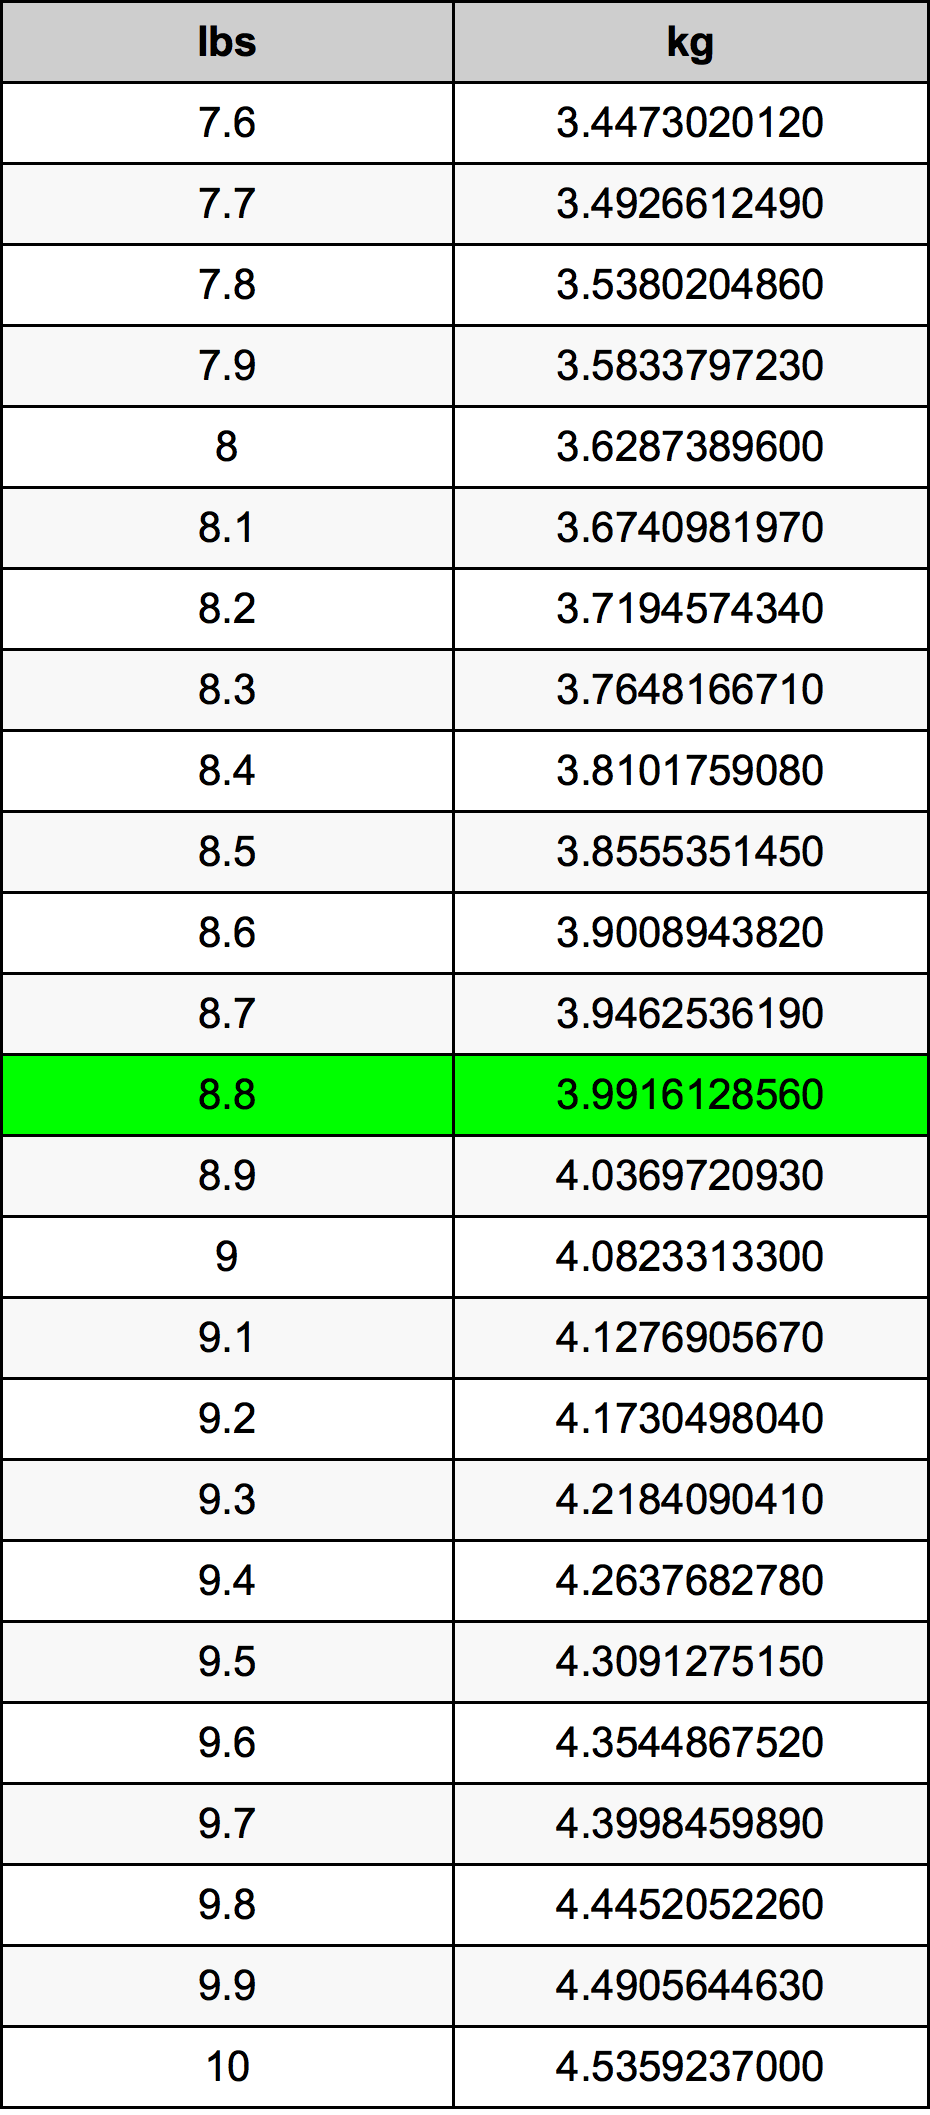 8.8 Libra tabela de conversão